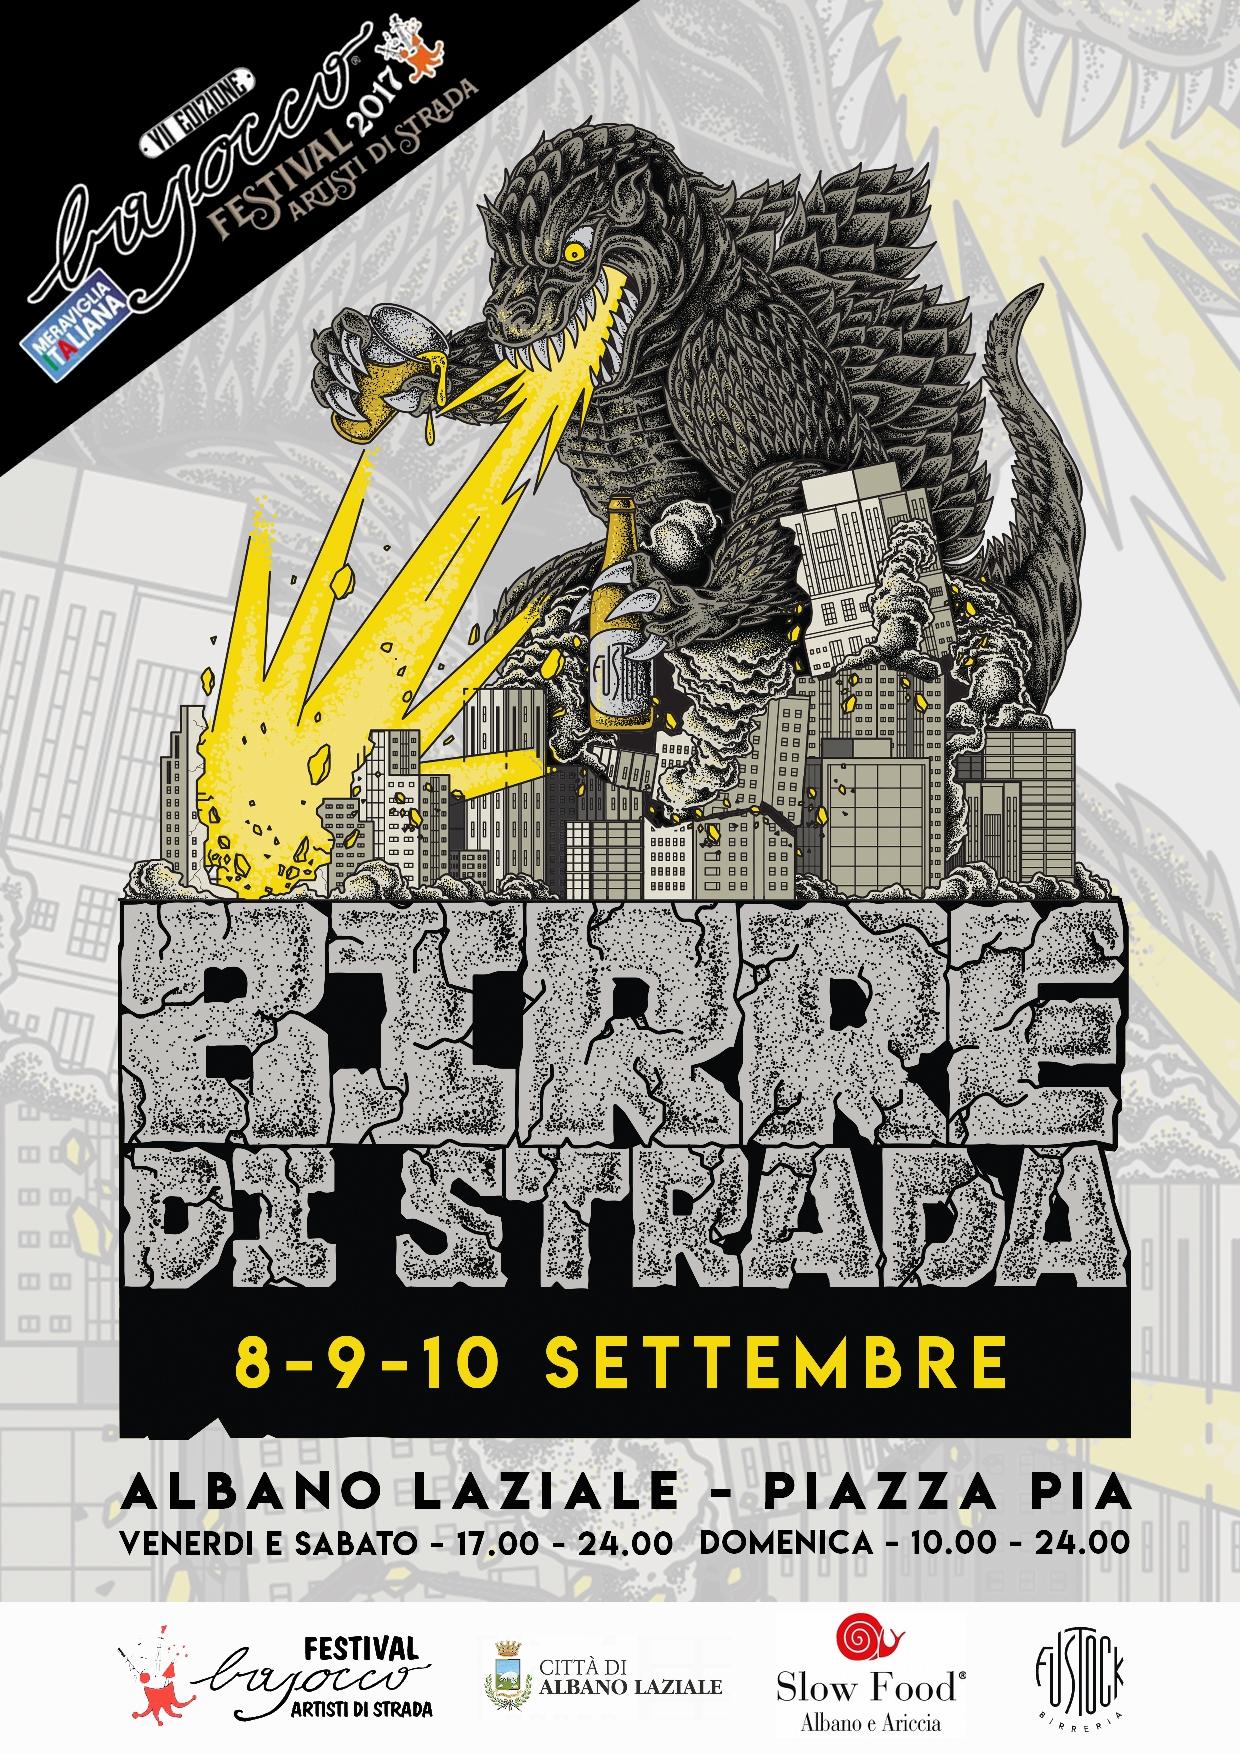 Birre di strada al Bajocco Festival. La rivoluzione del cibo e delle birre artigianali.  Albano Laziale 8-9-10 settembre 2017